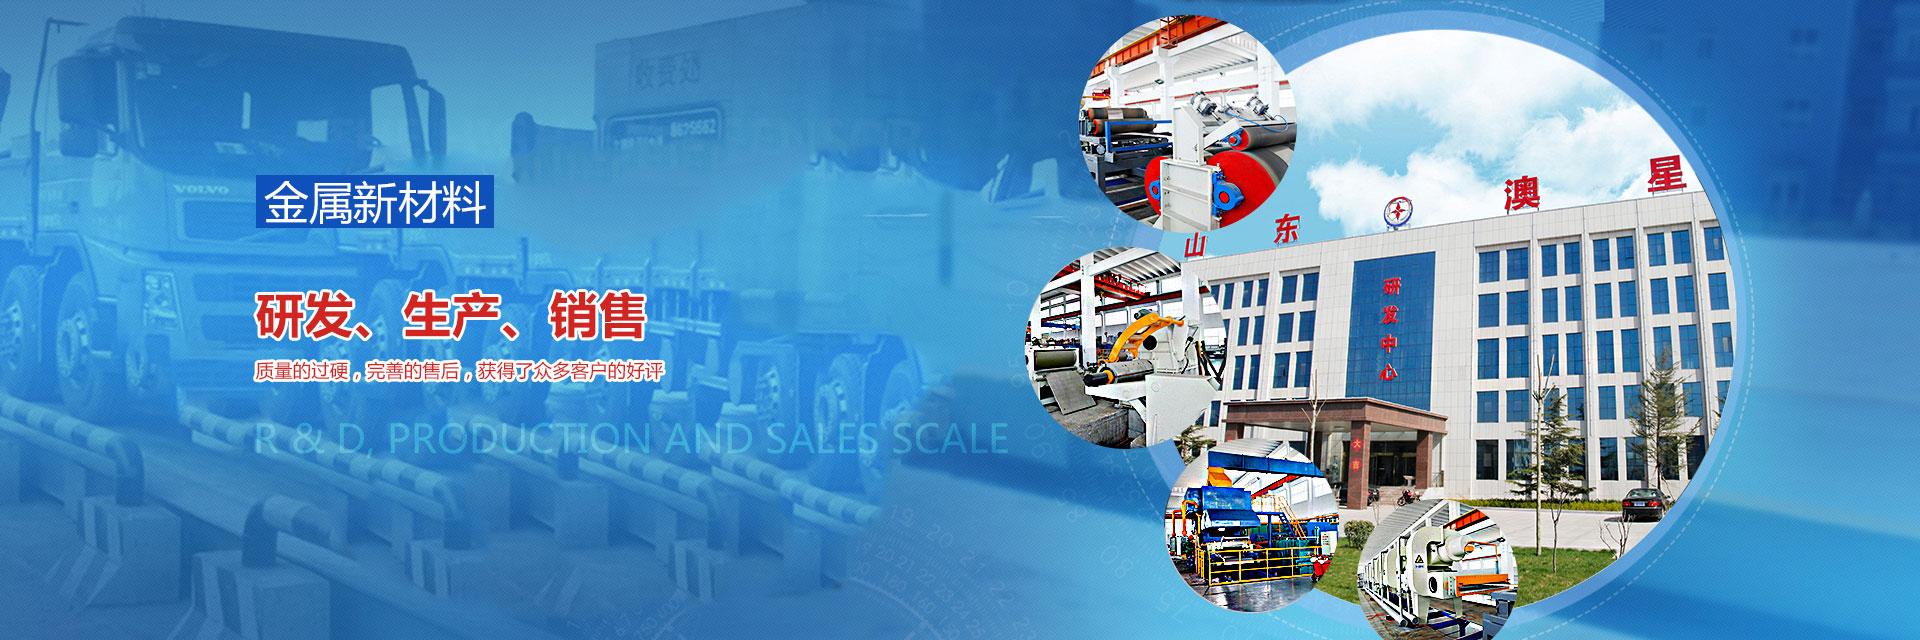 430不锈钢生产厂家